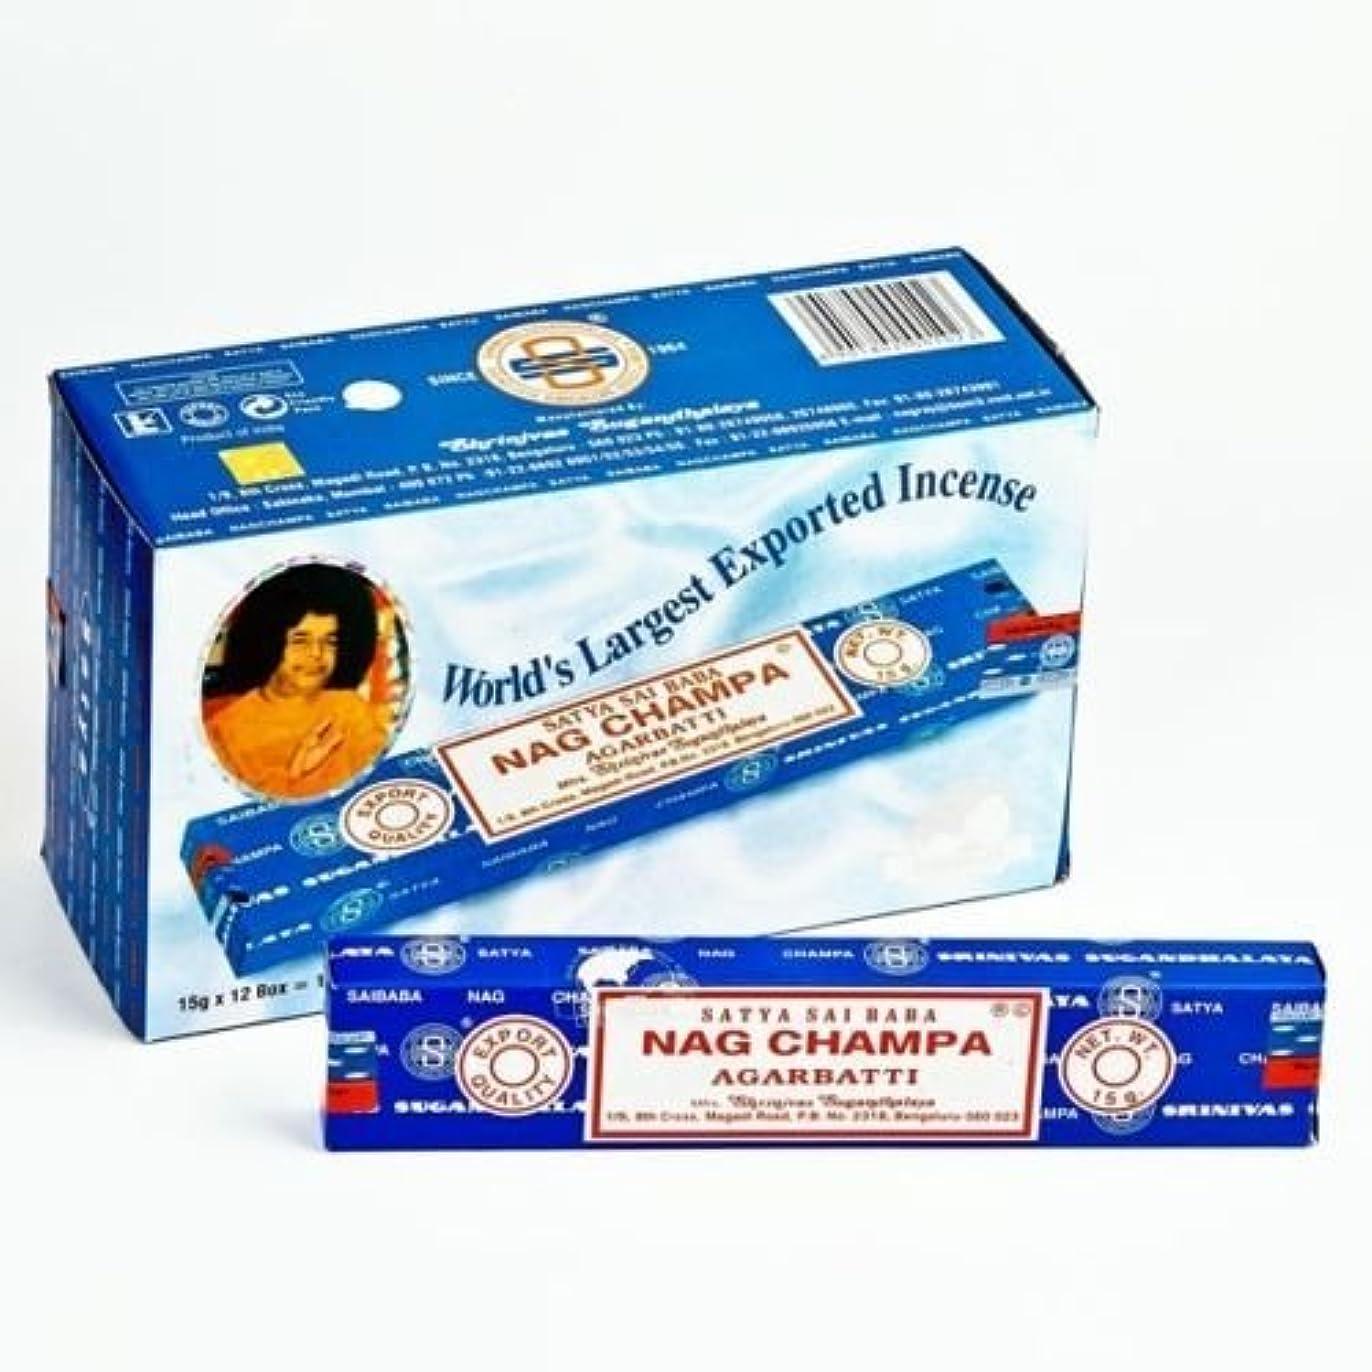 検索ゴム哀Nag Champa incense sticks 15G X 12 BOX = 180G